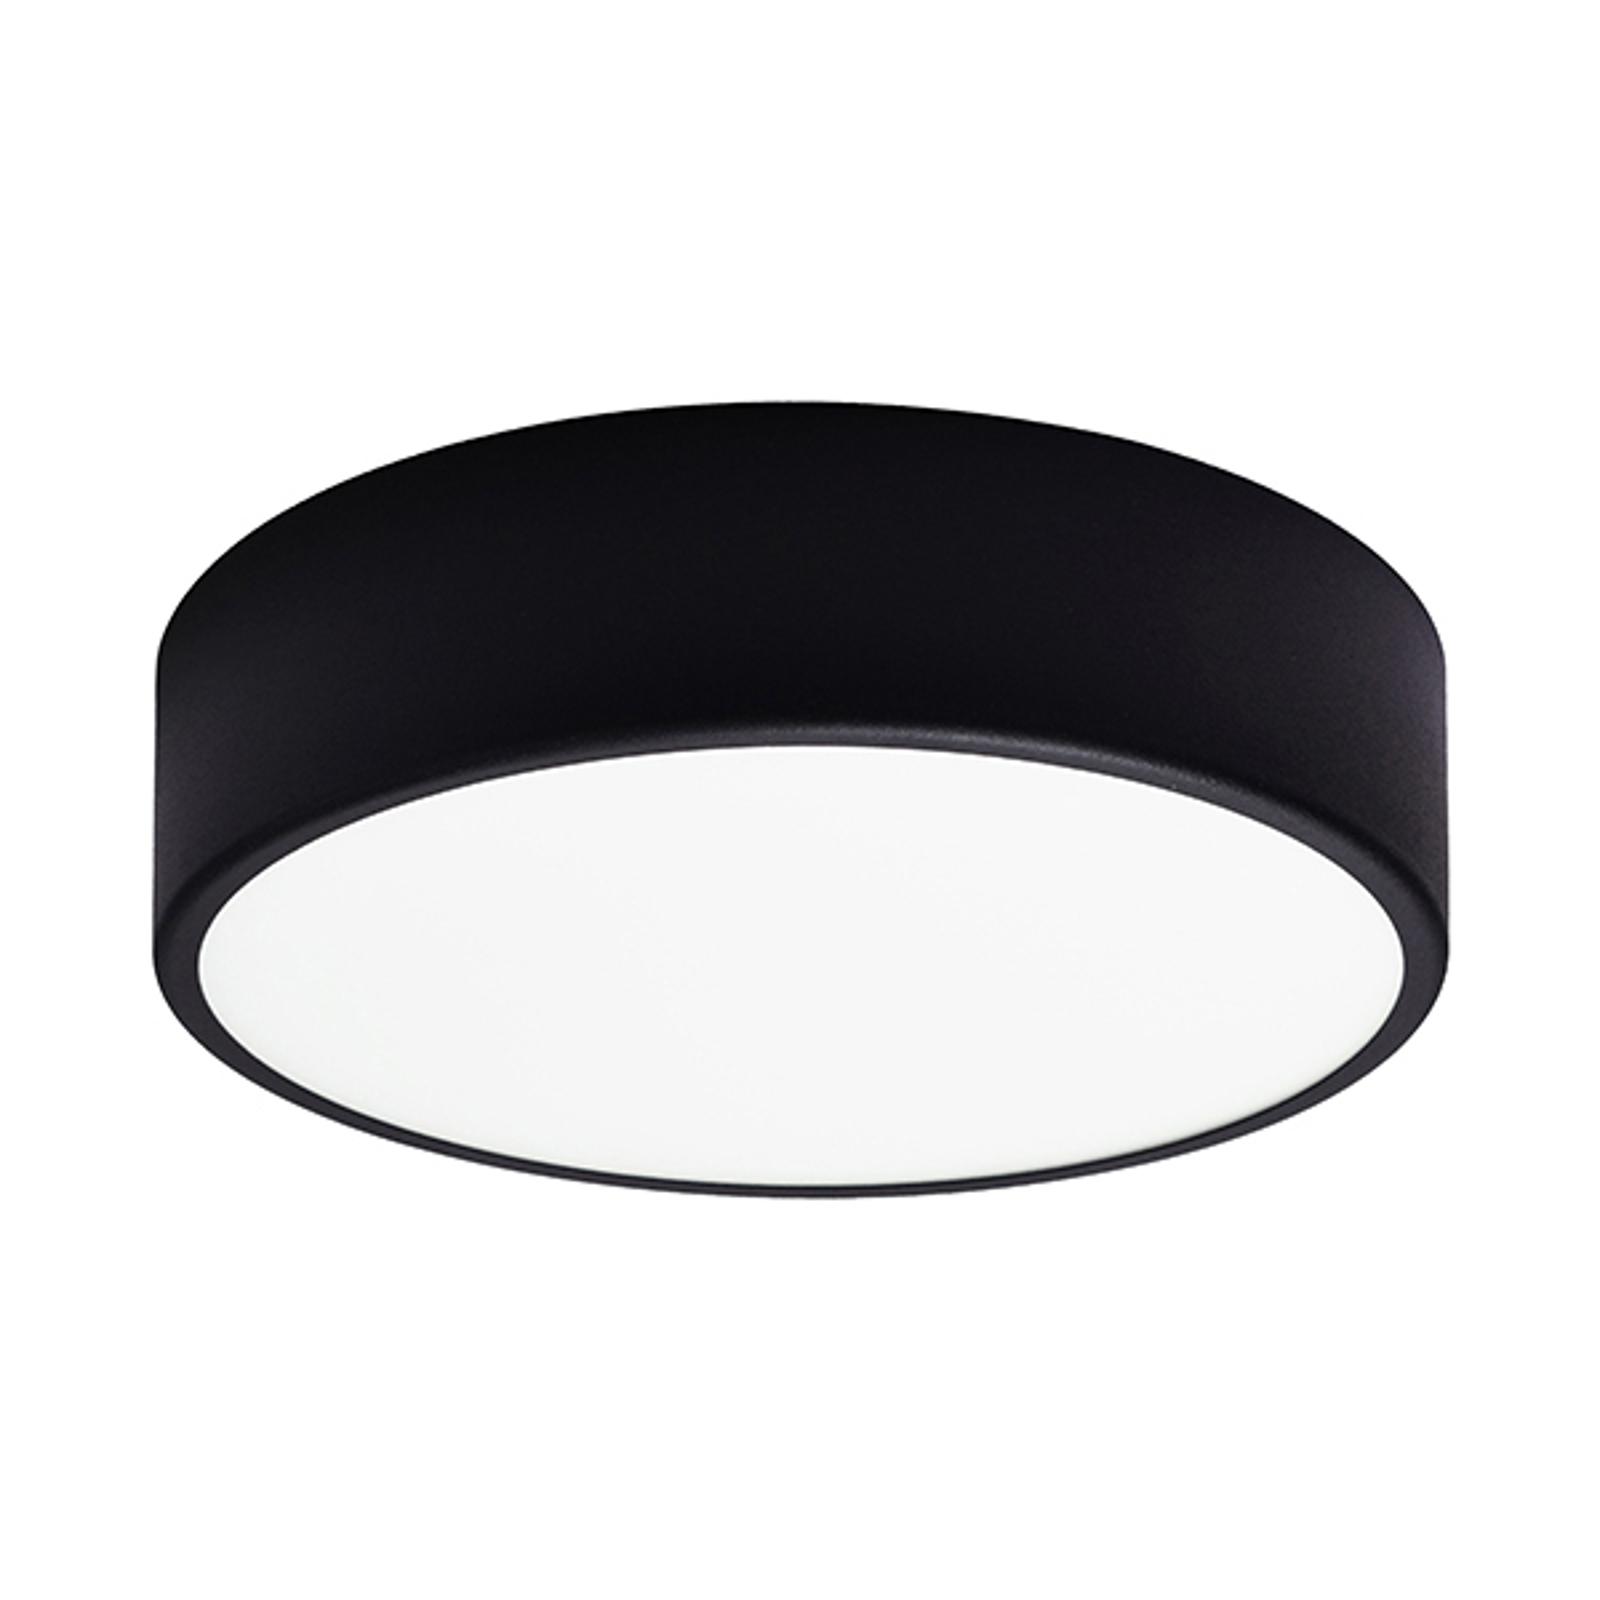 Stropní světlo Cleo, Ø 30 cm, černá